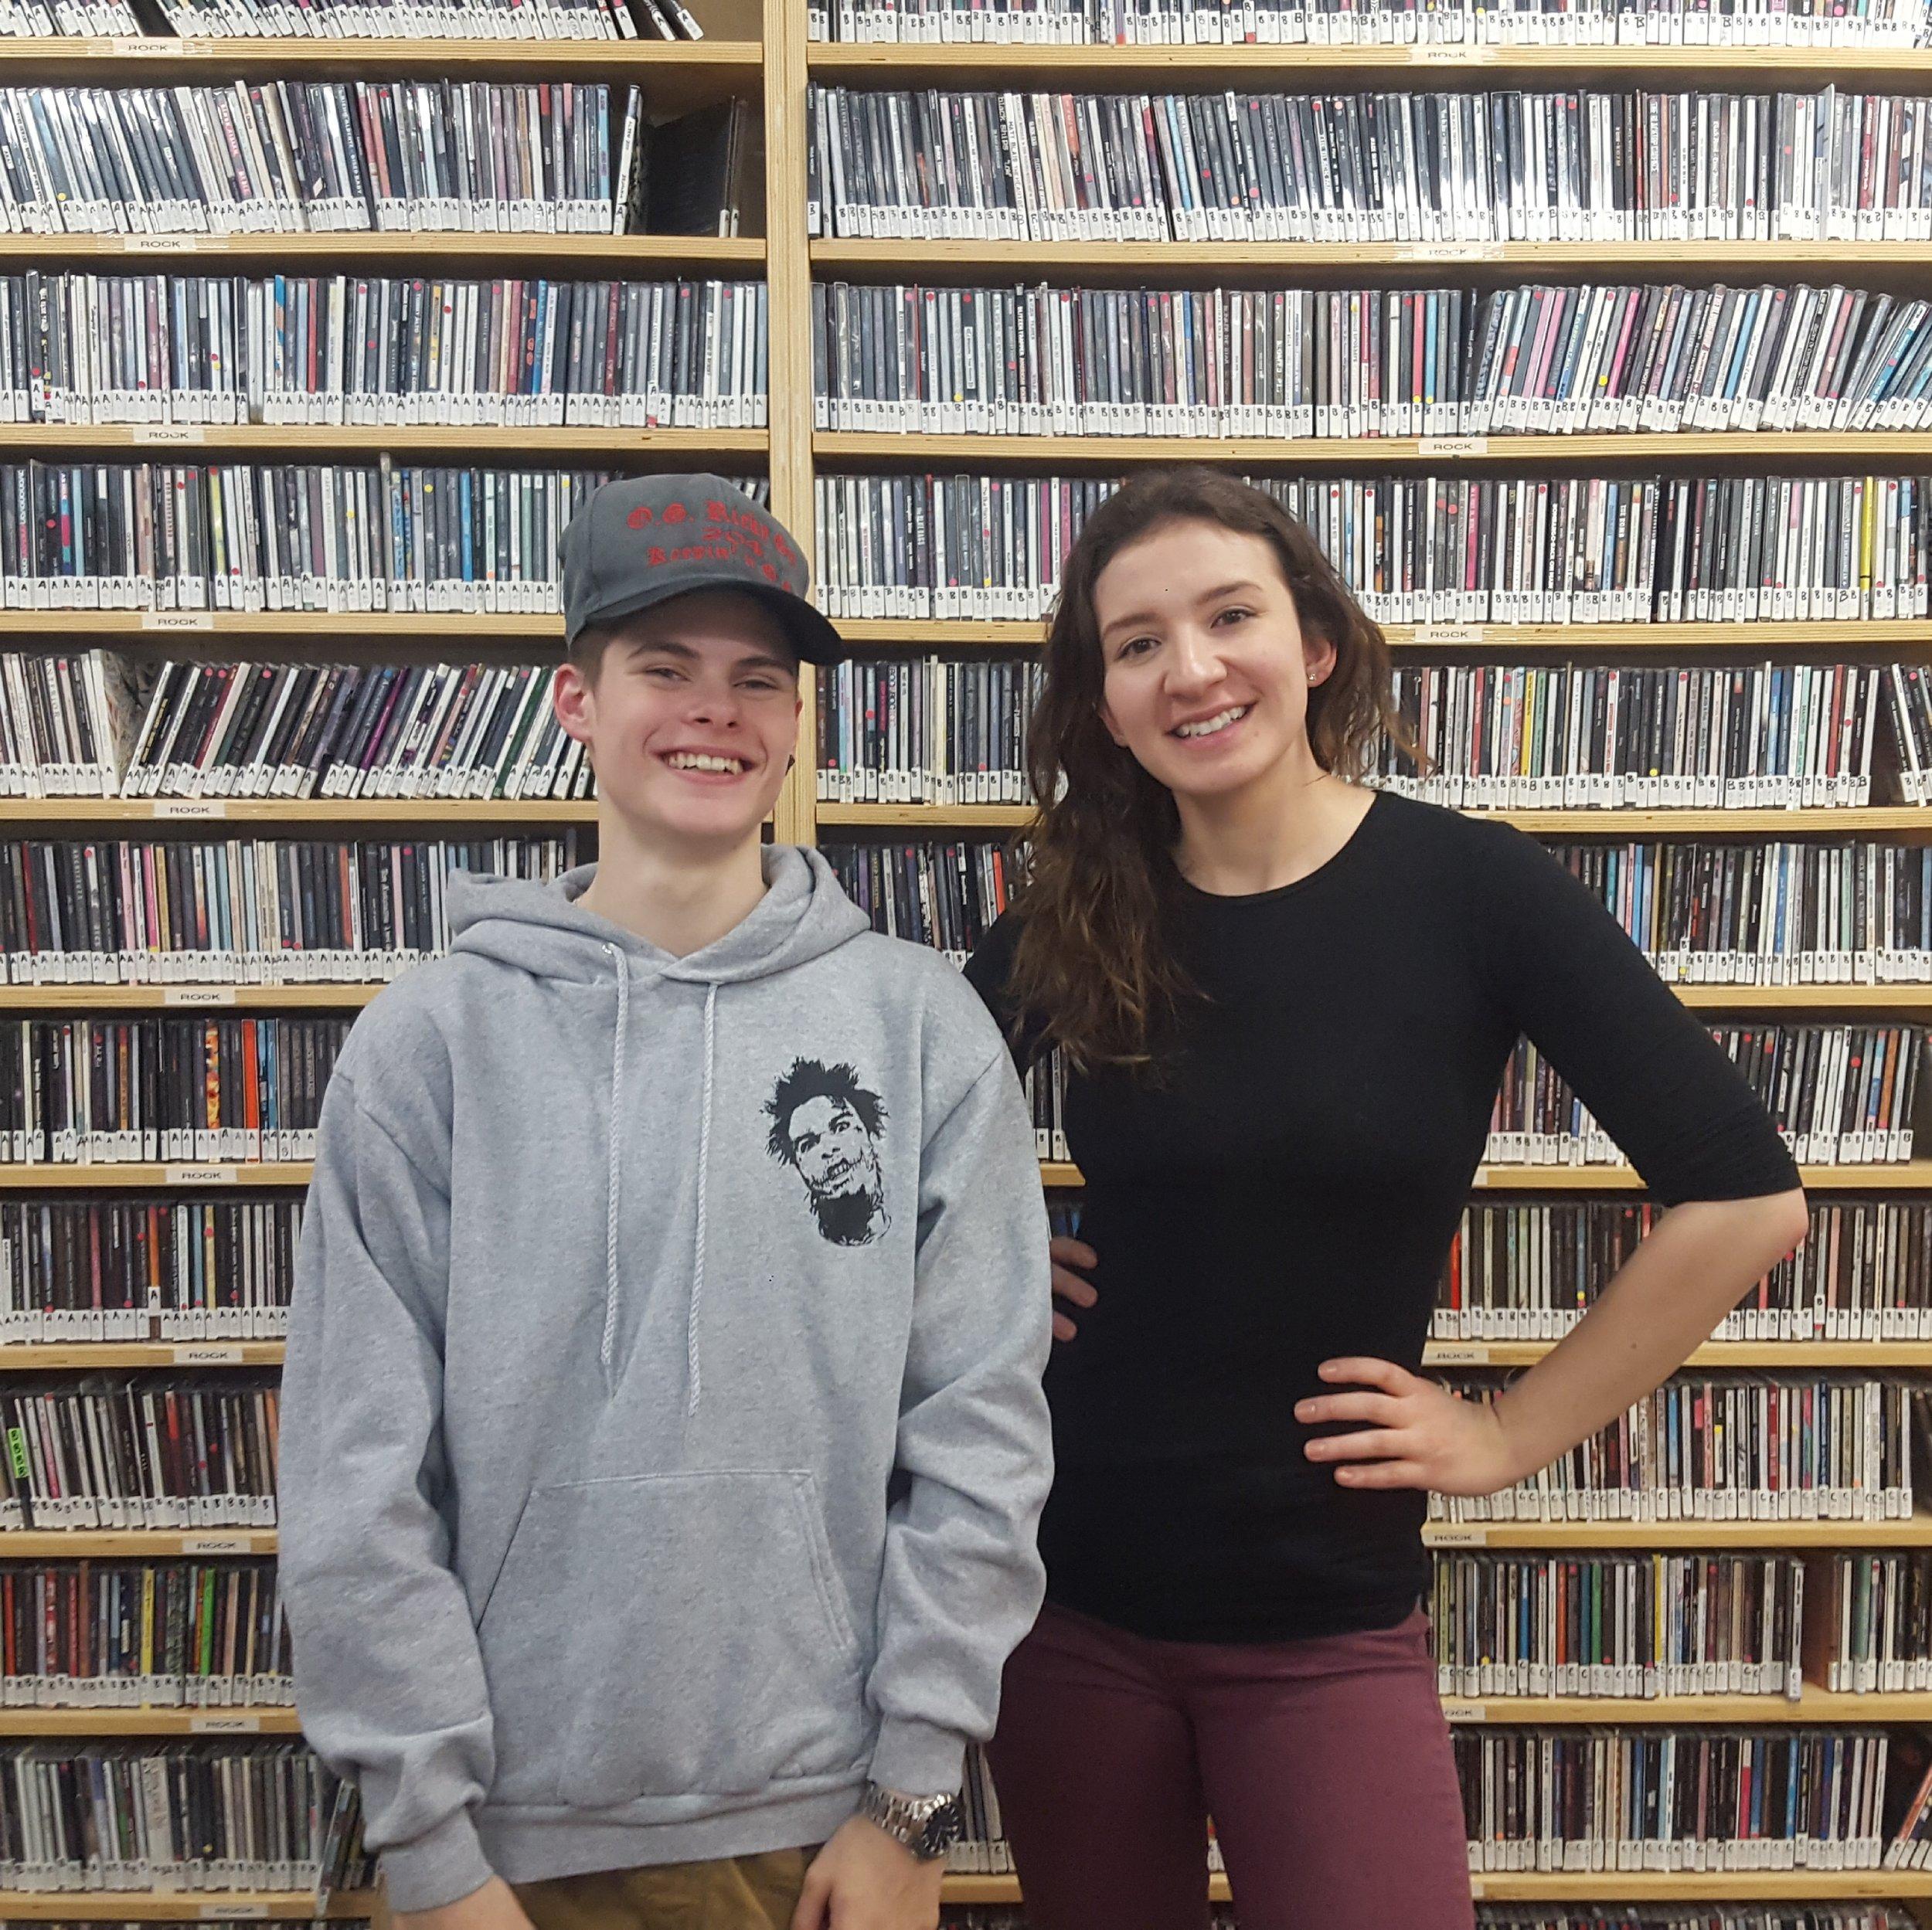 O.G. Ricky Gee and Ashley Bieniarz